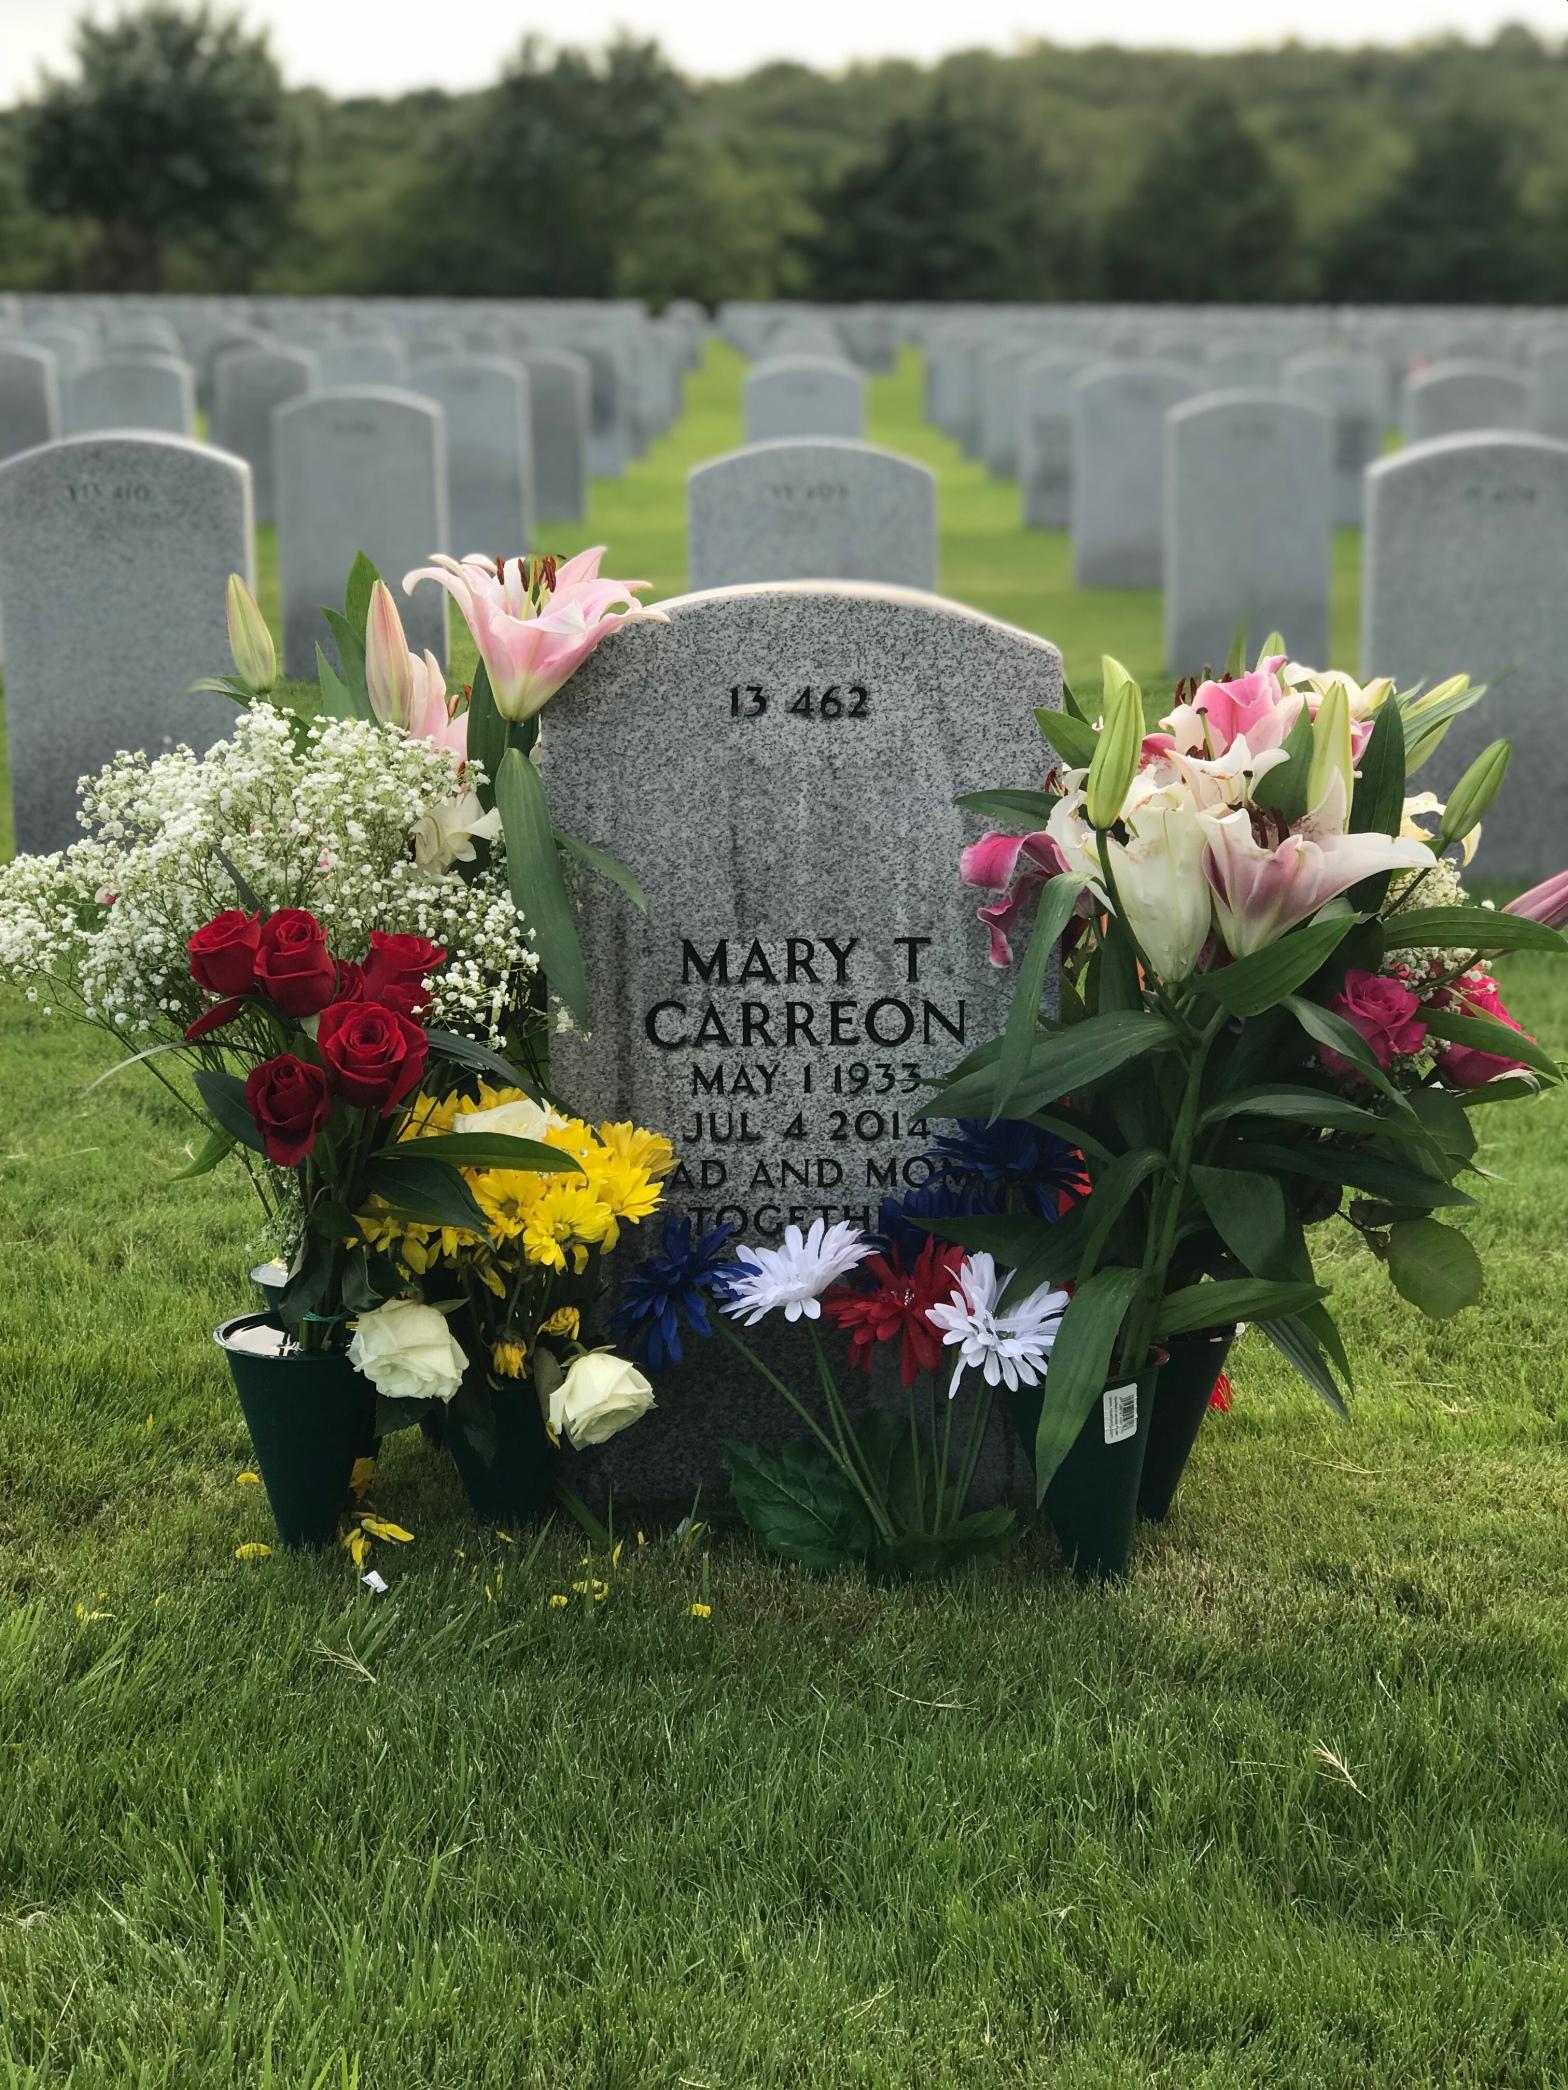 A gravestone in a cemetery